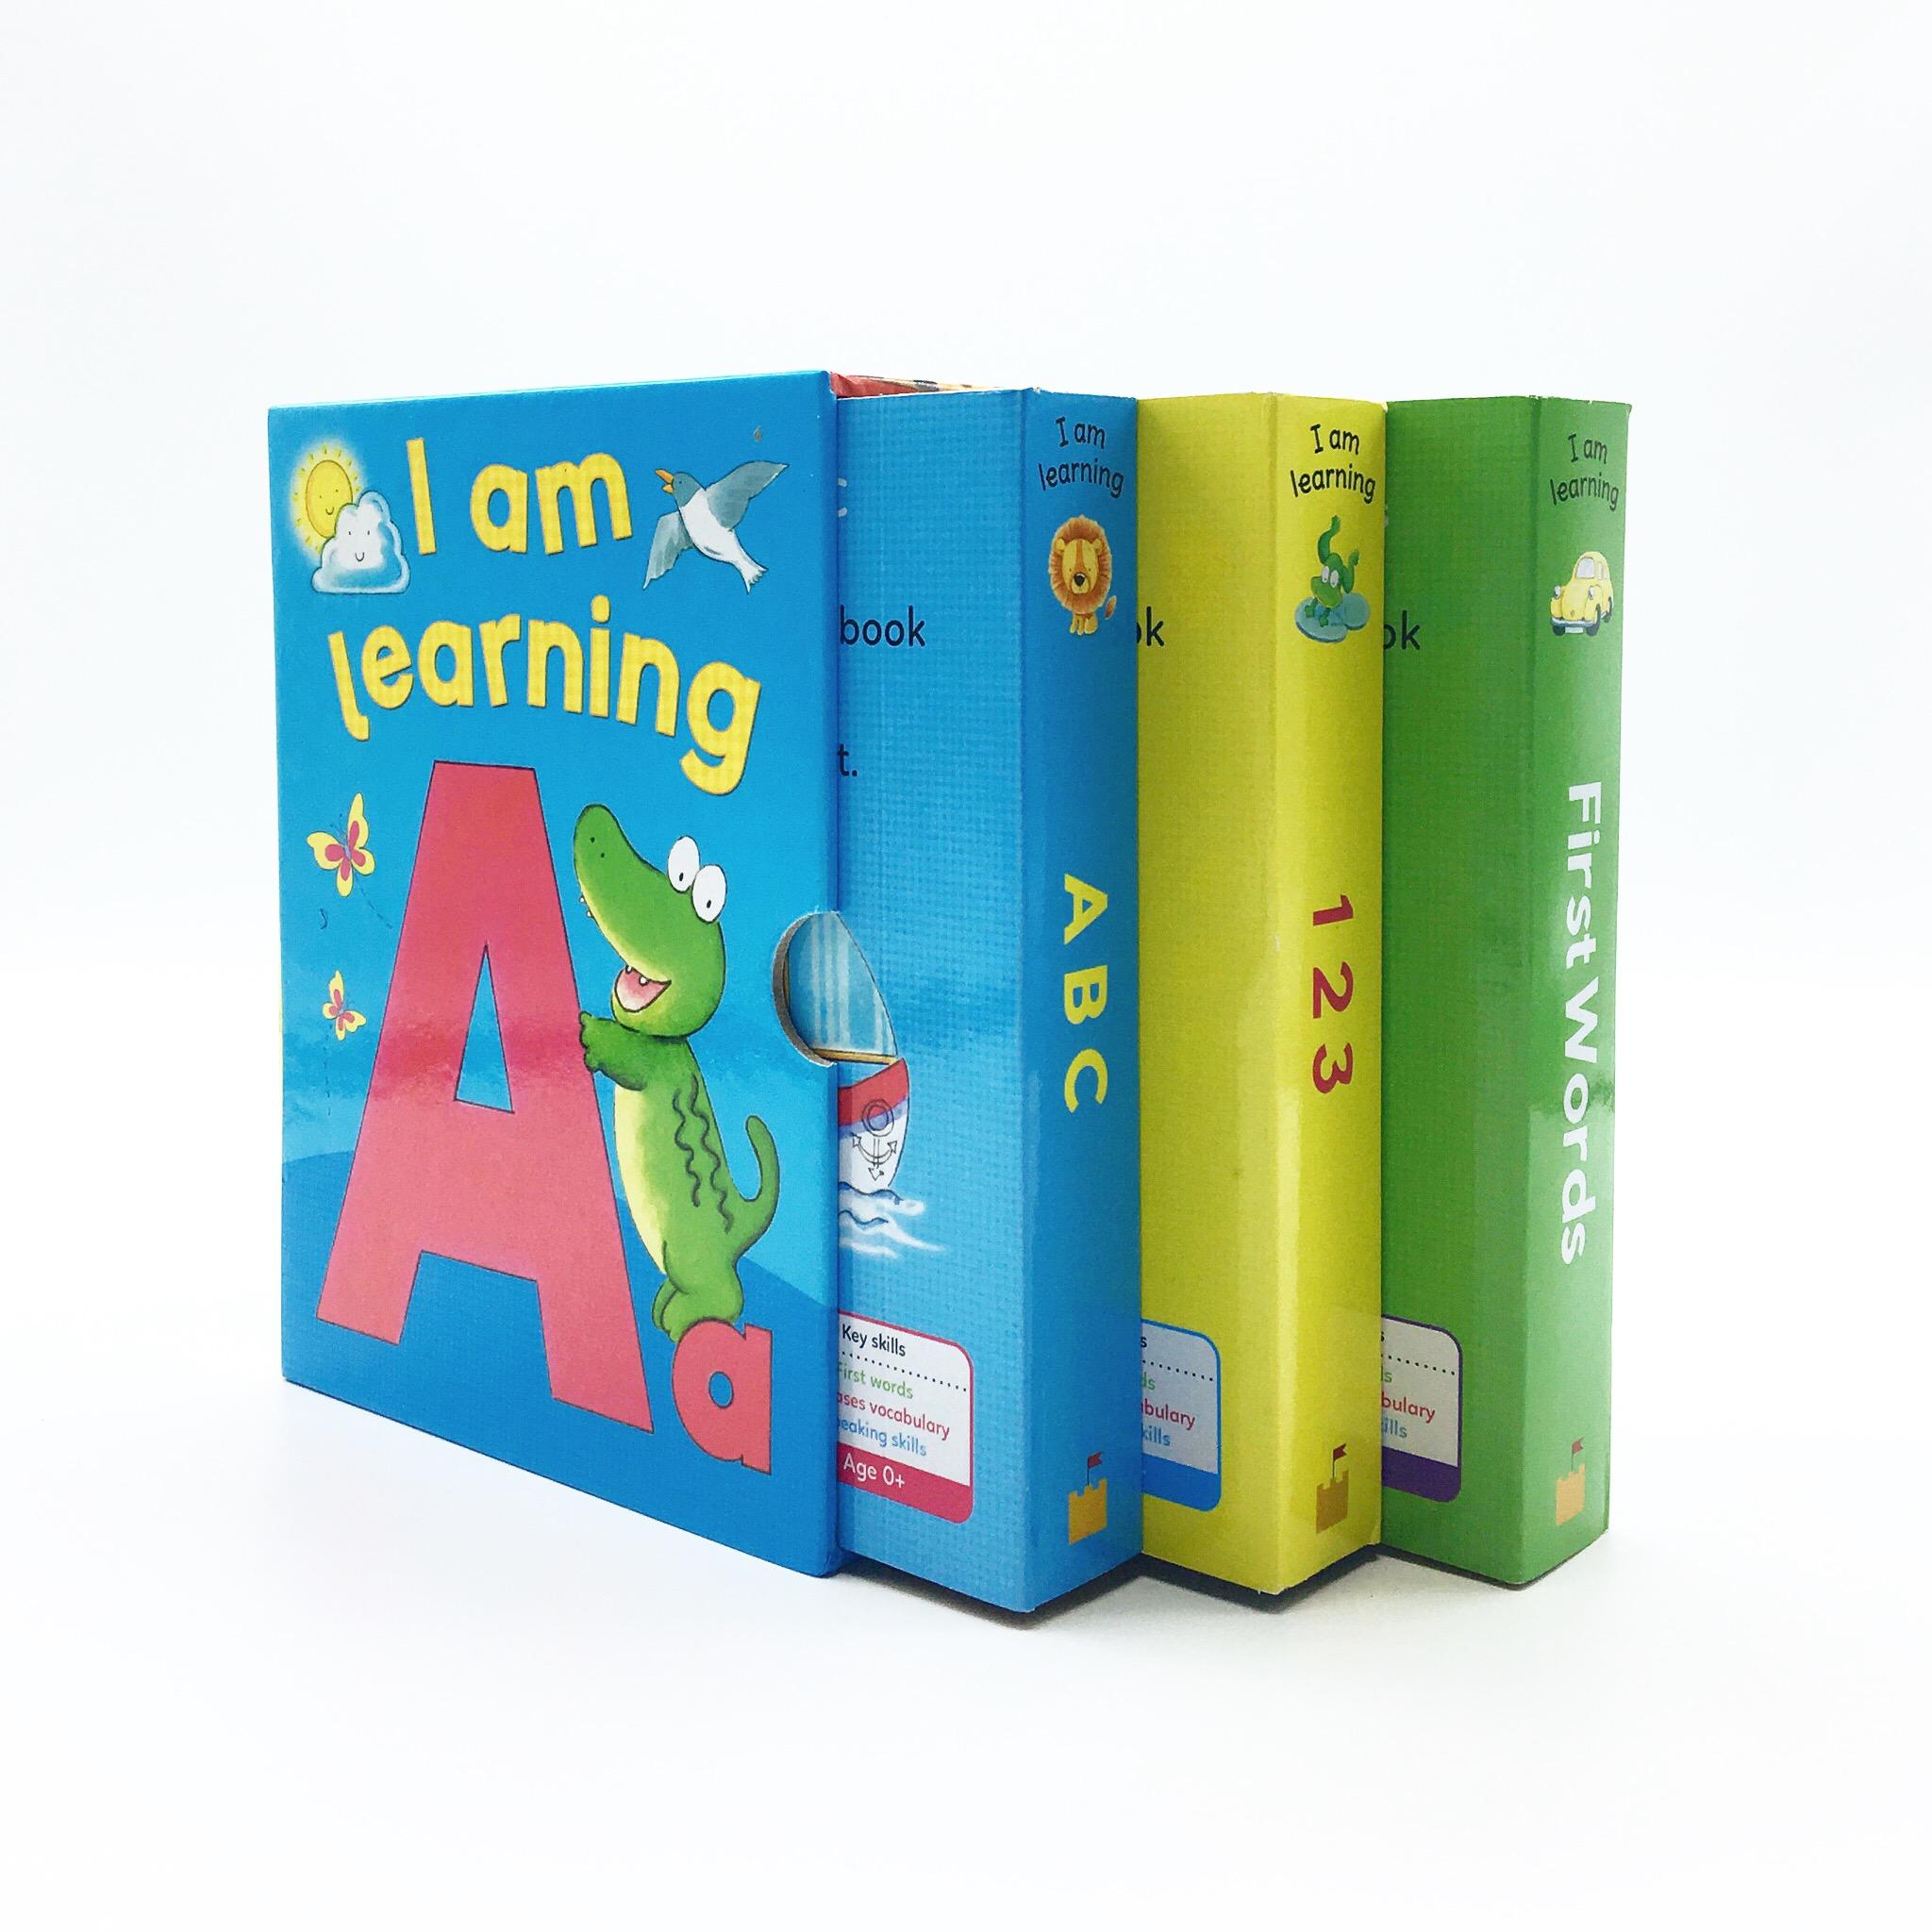 ชุดหนังสือเสริมทักษะปลอดสารพิษสำหรับเบบี๋ I am Learning : ABC, First Words, 123